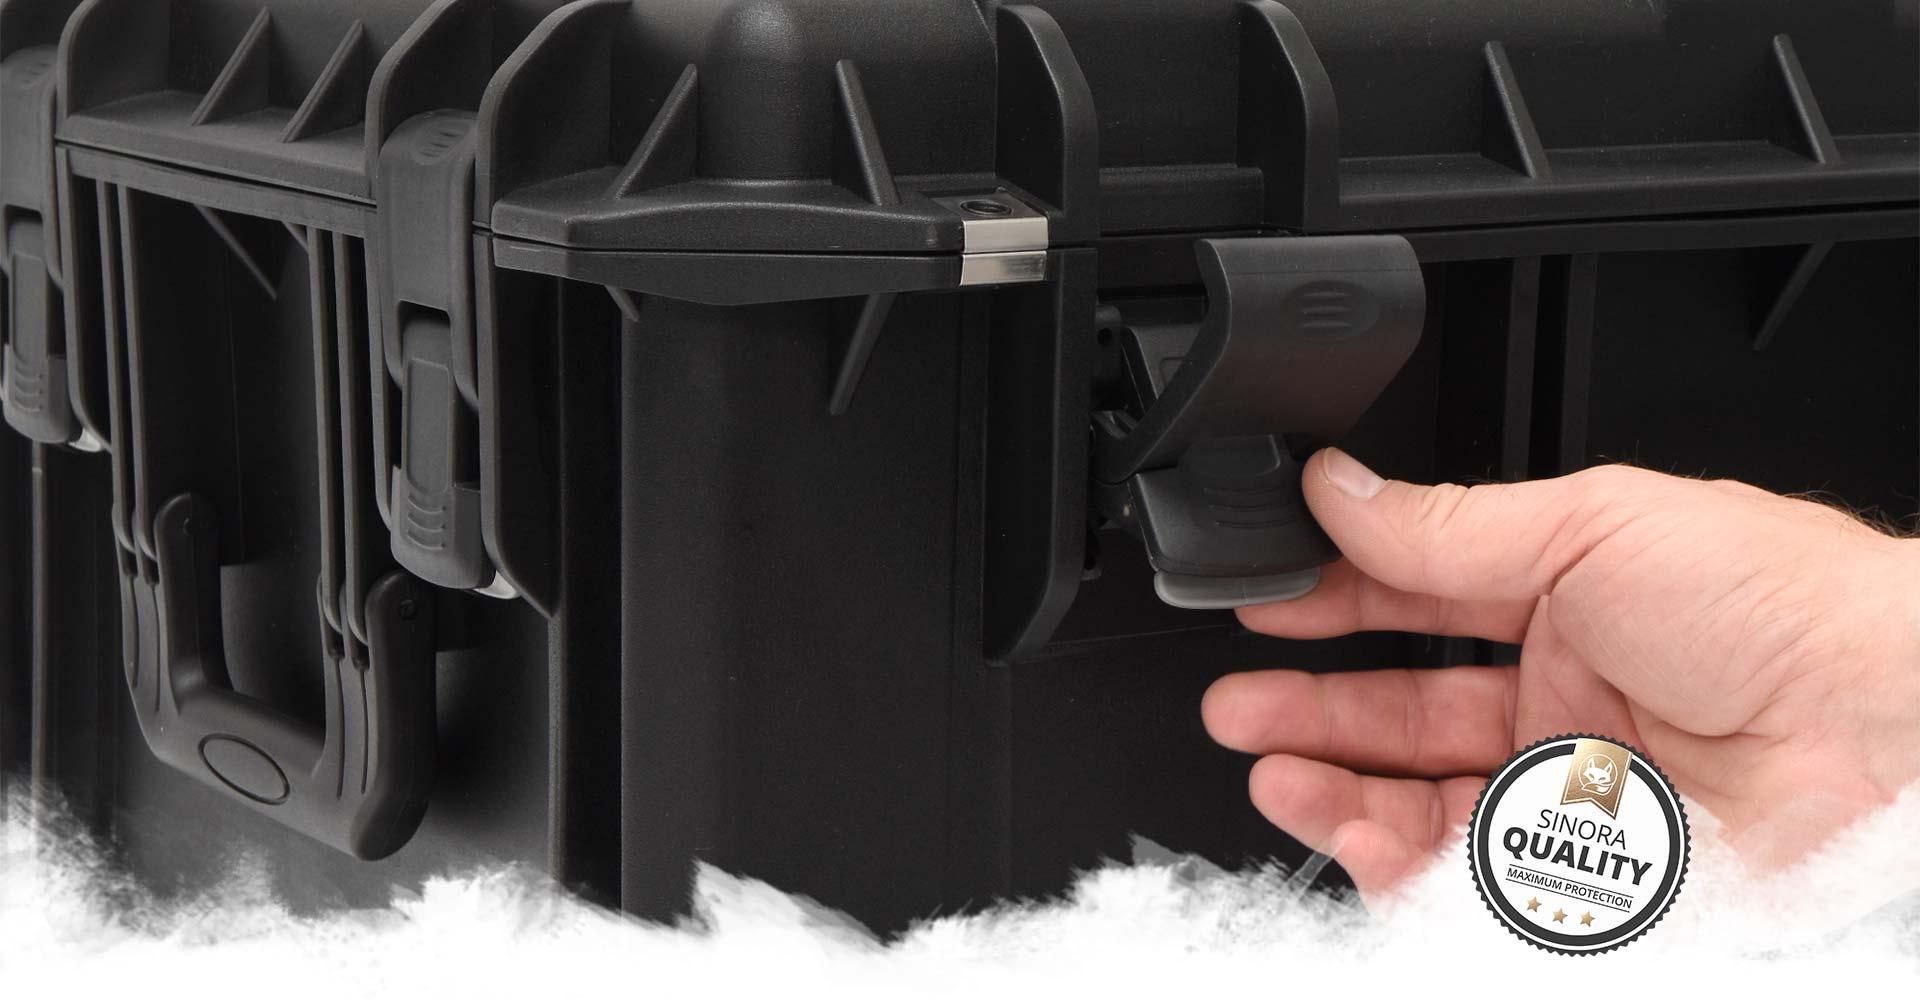 Sinora Kunststoff-Koffer bieten intuitve und zuverlässige Qualität